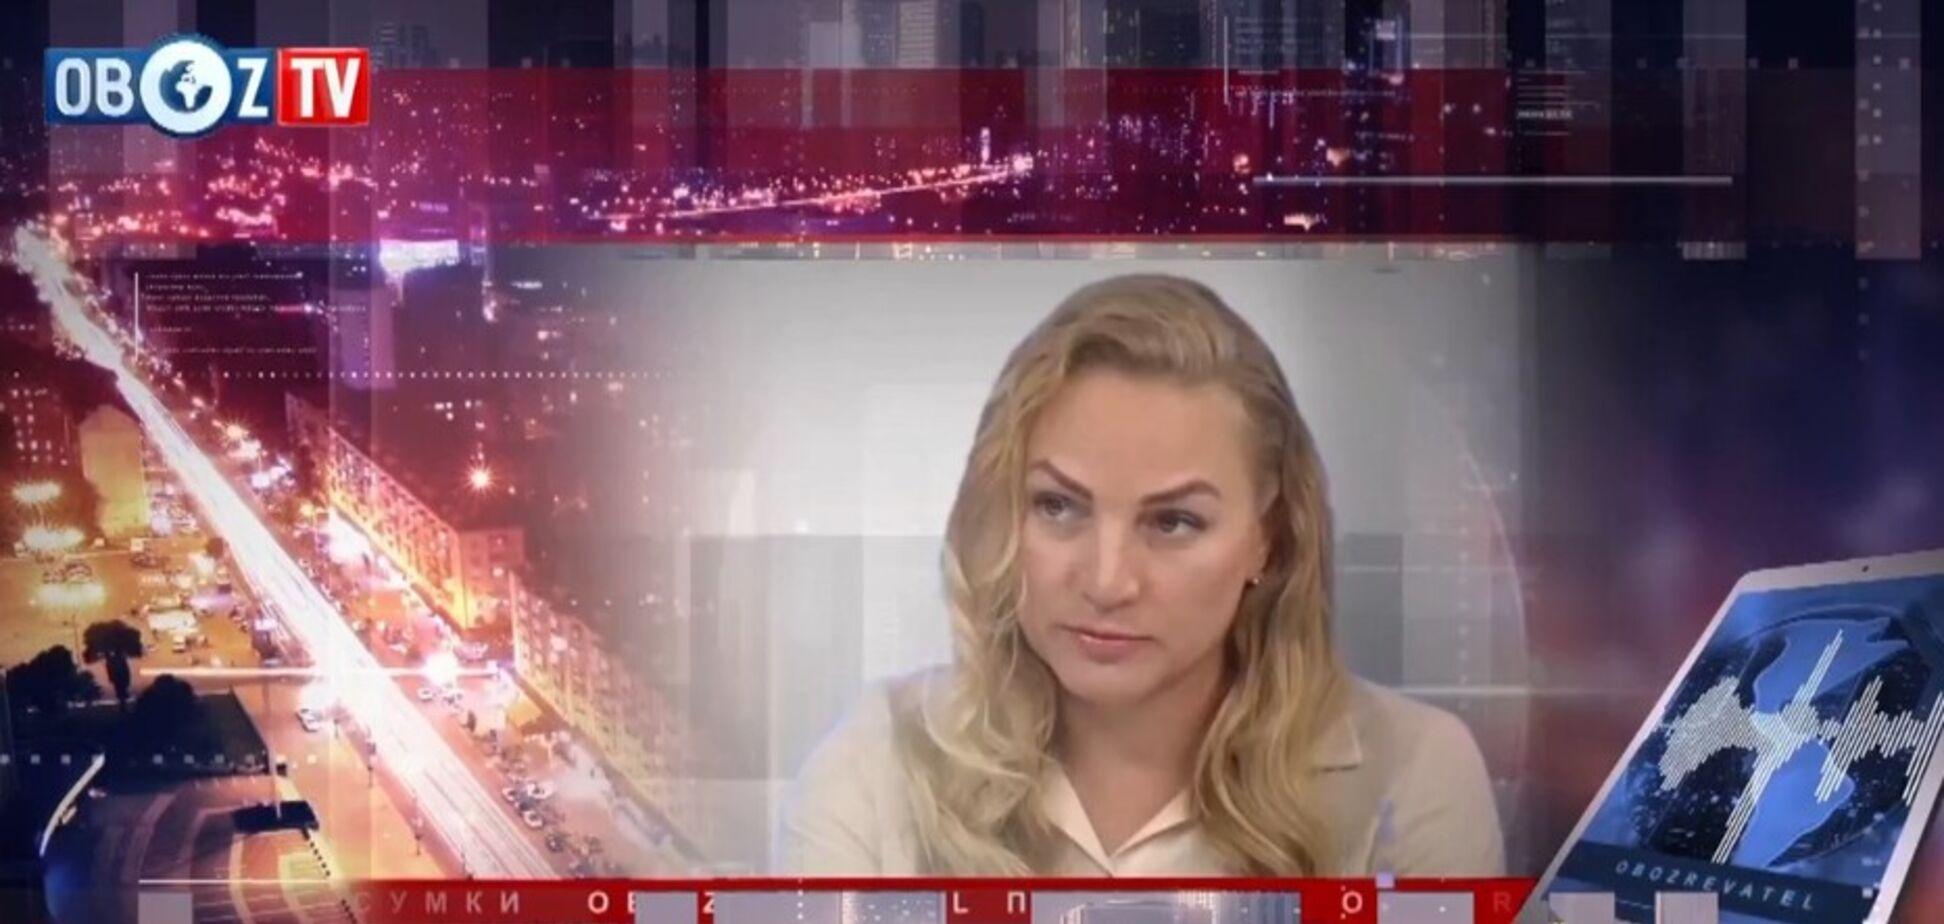 9,5 млн гривень или 7 лет тюрьмы за пост в соцсети: новые законопроекты в ВР